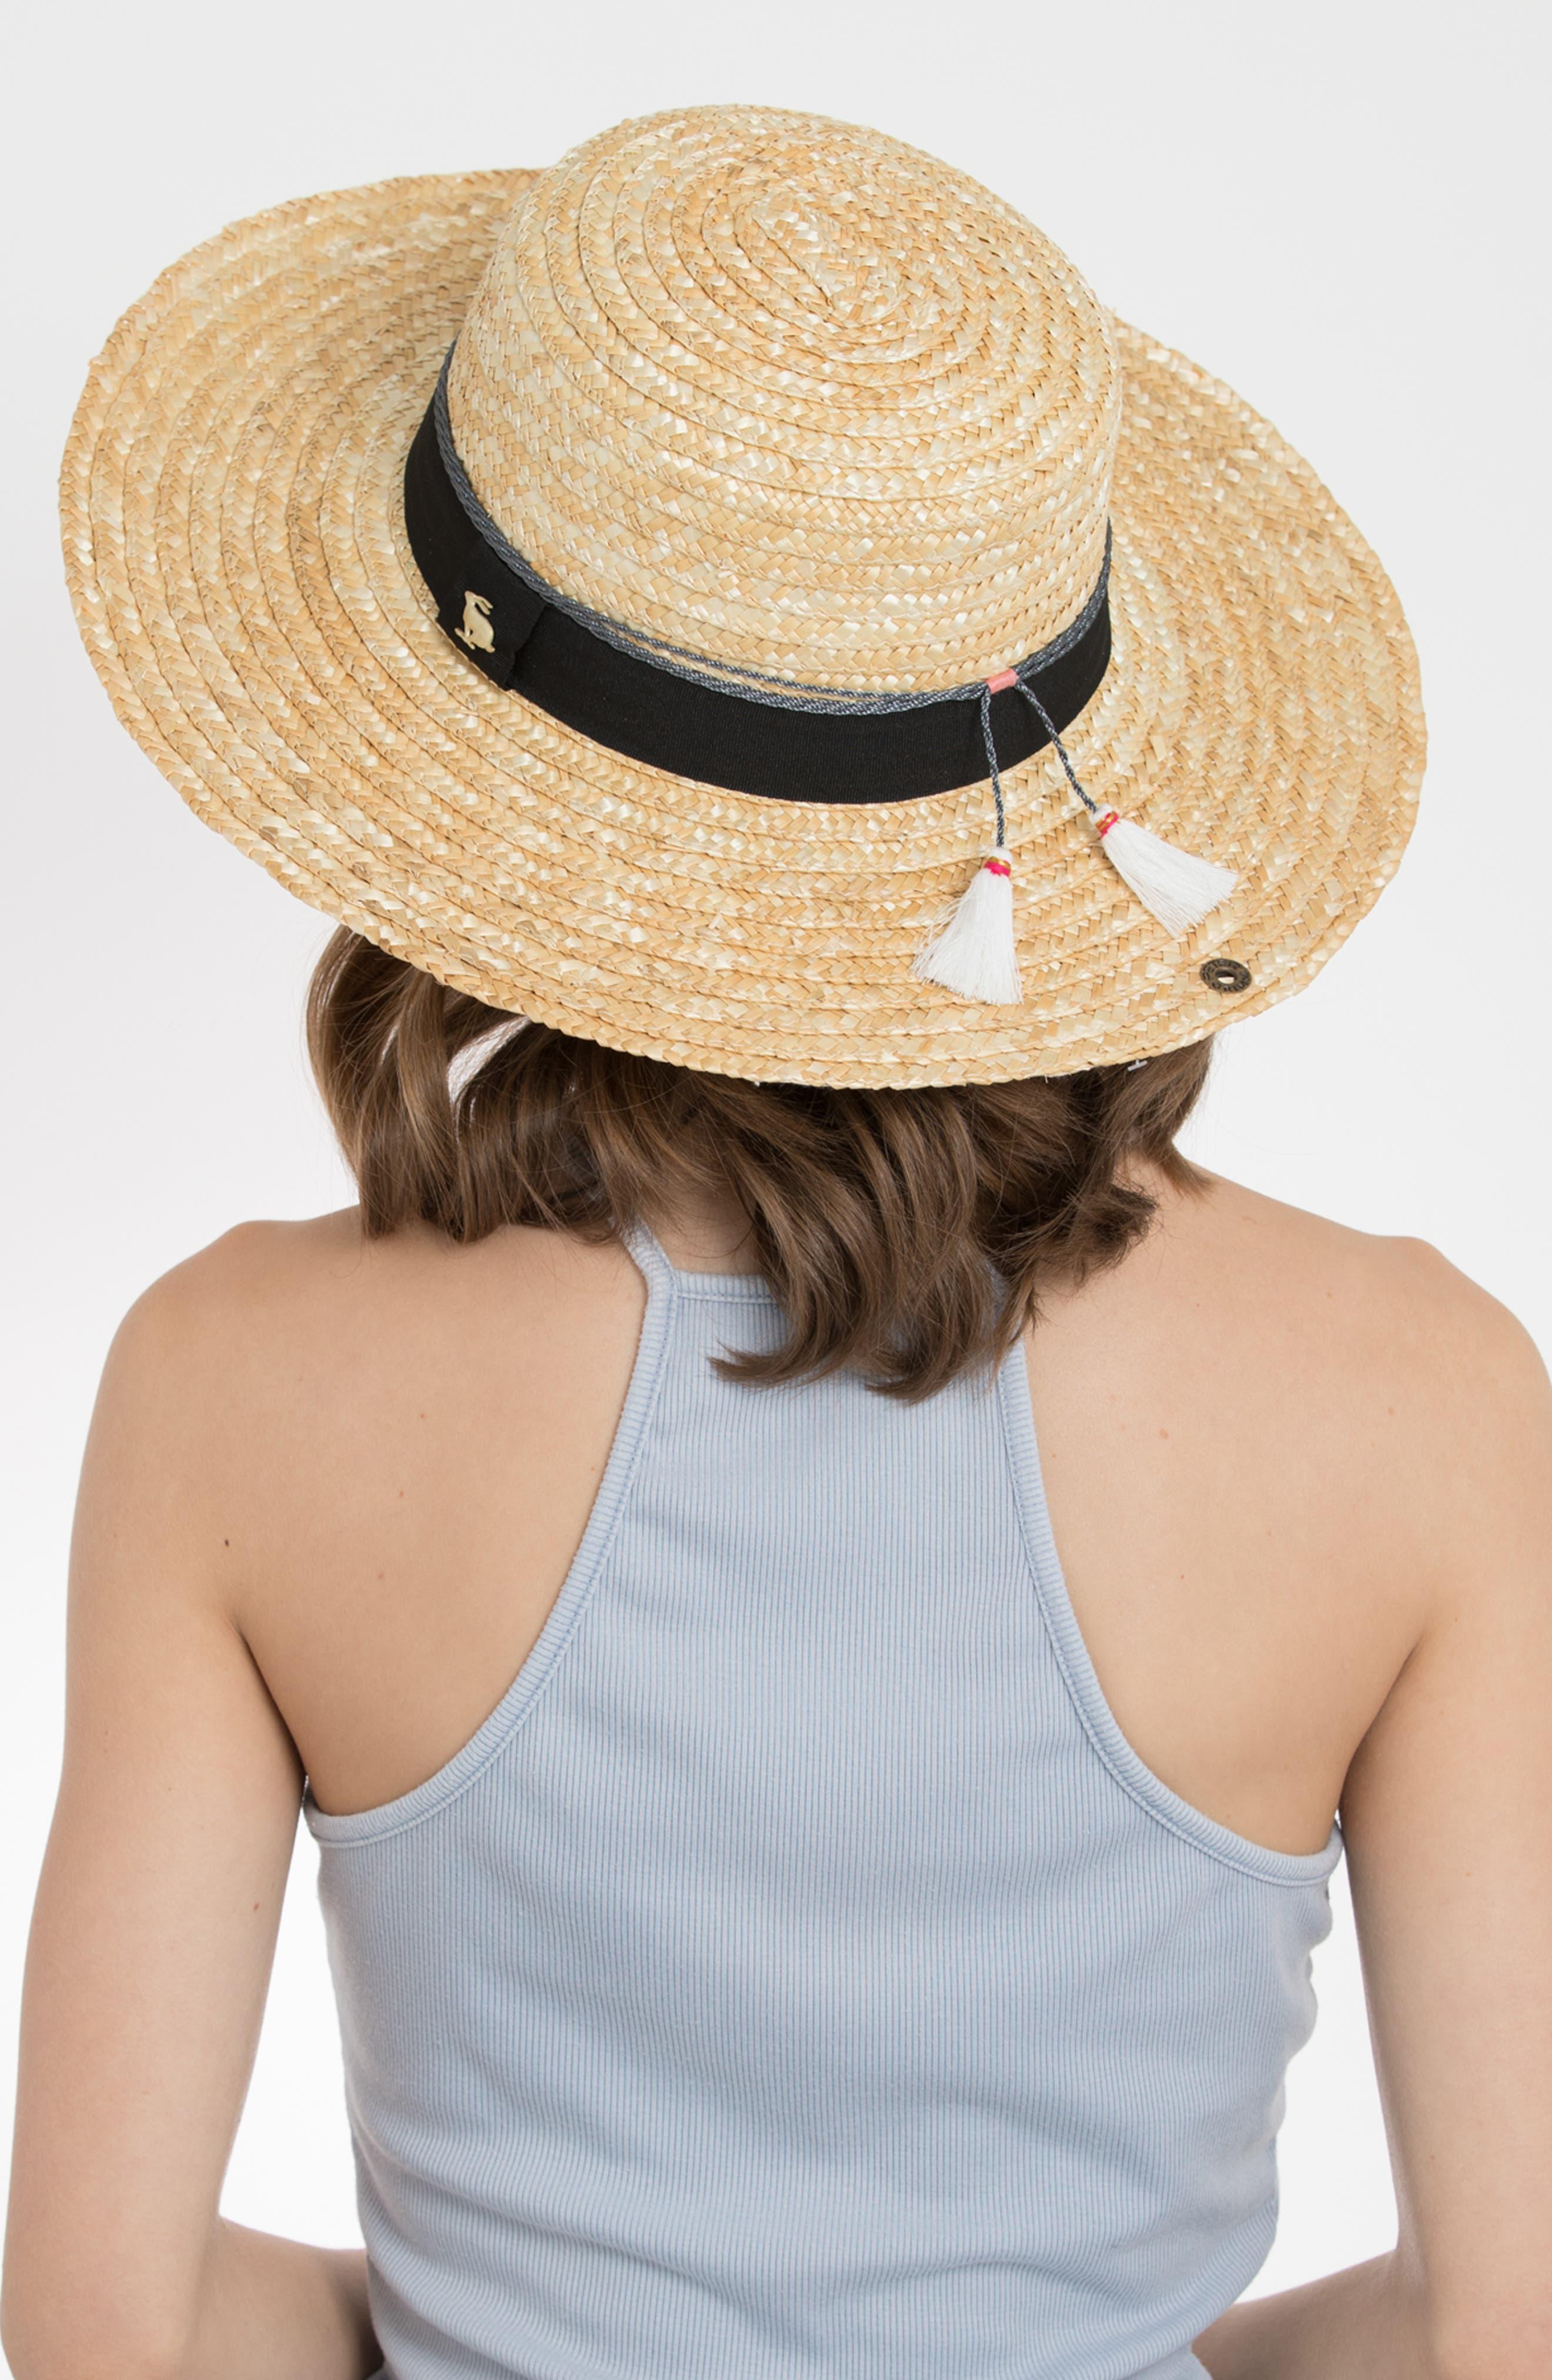 Teresa Wheat Straw Resort Hat,                             Alternate thumbnail 3, color,                             NATURAL